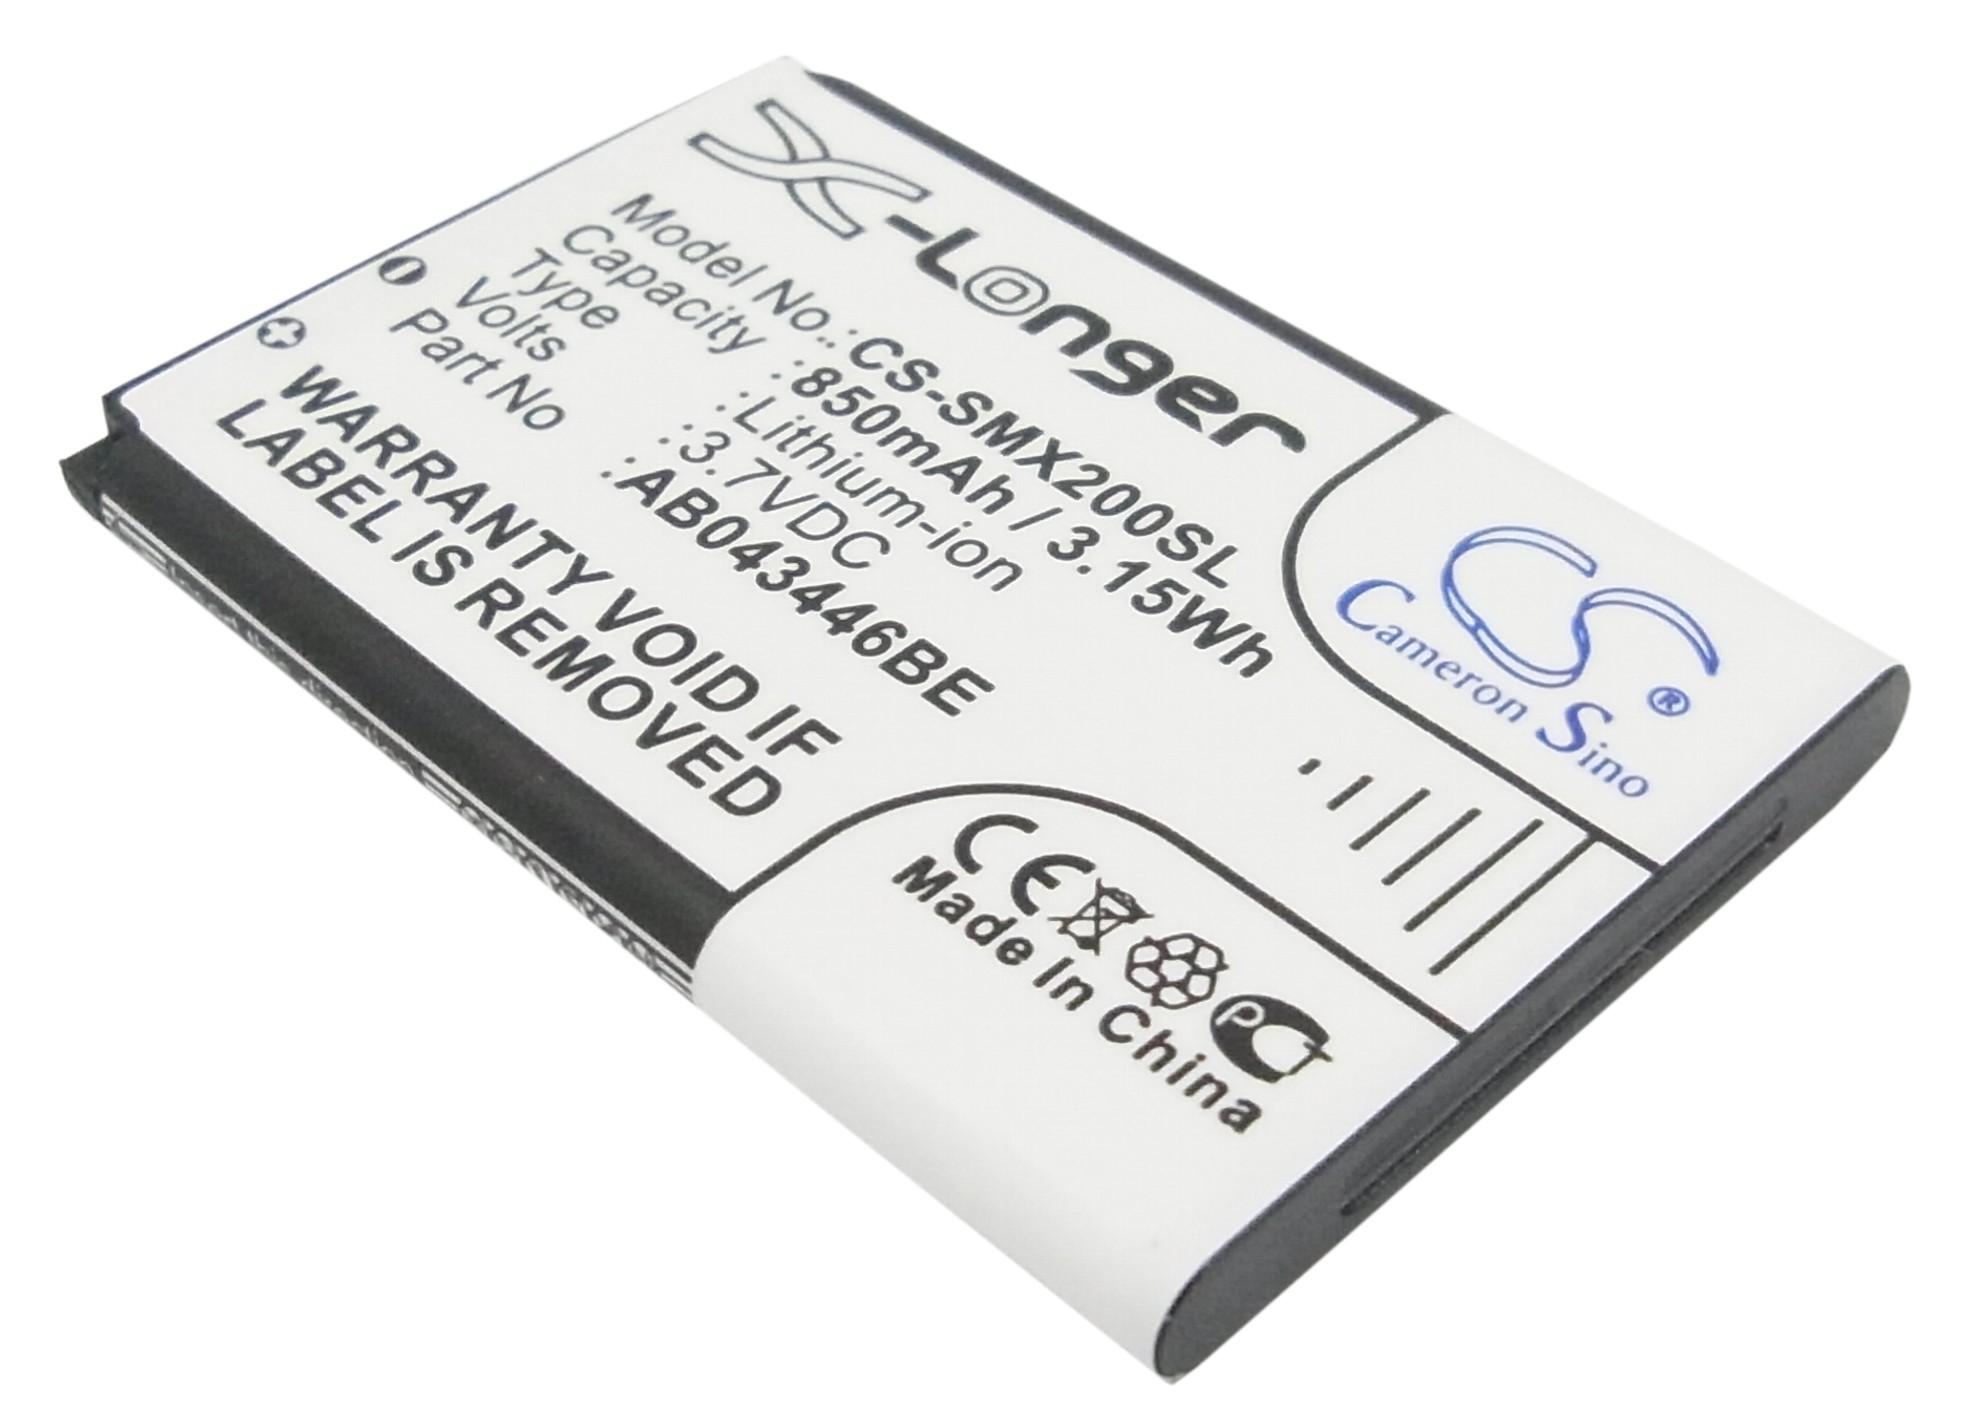 Cameron Sino baterie do mobilů pro SAMSUNG SGH-i320 3.7V Li-ion 850mAh černá - neoriginální